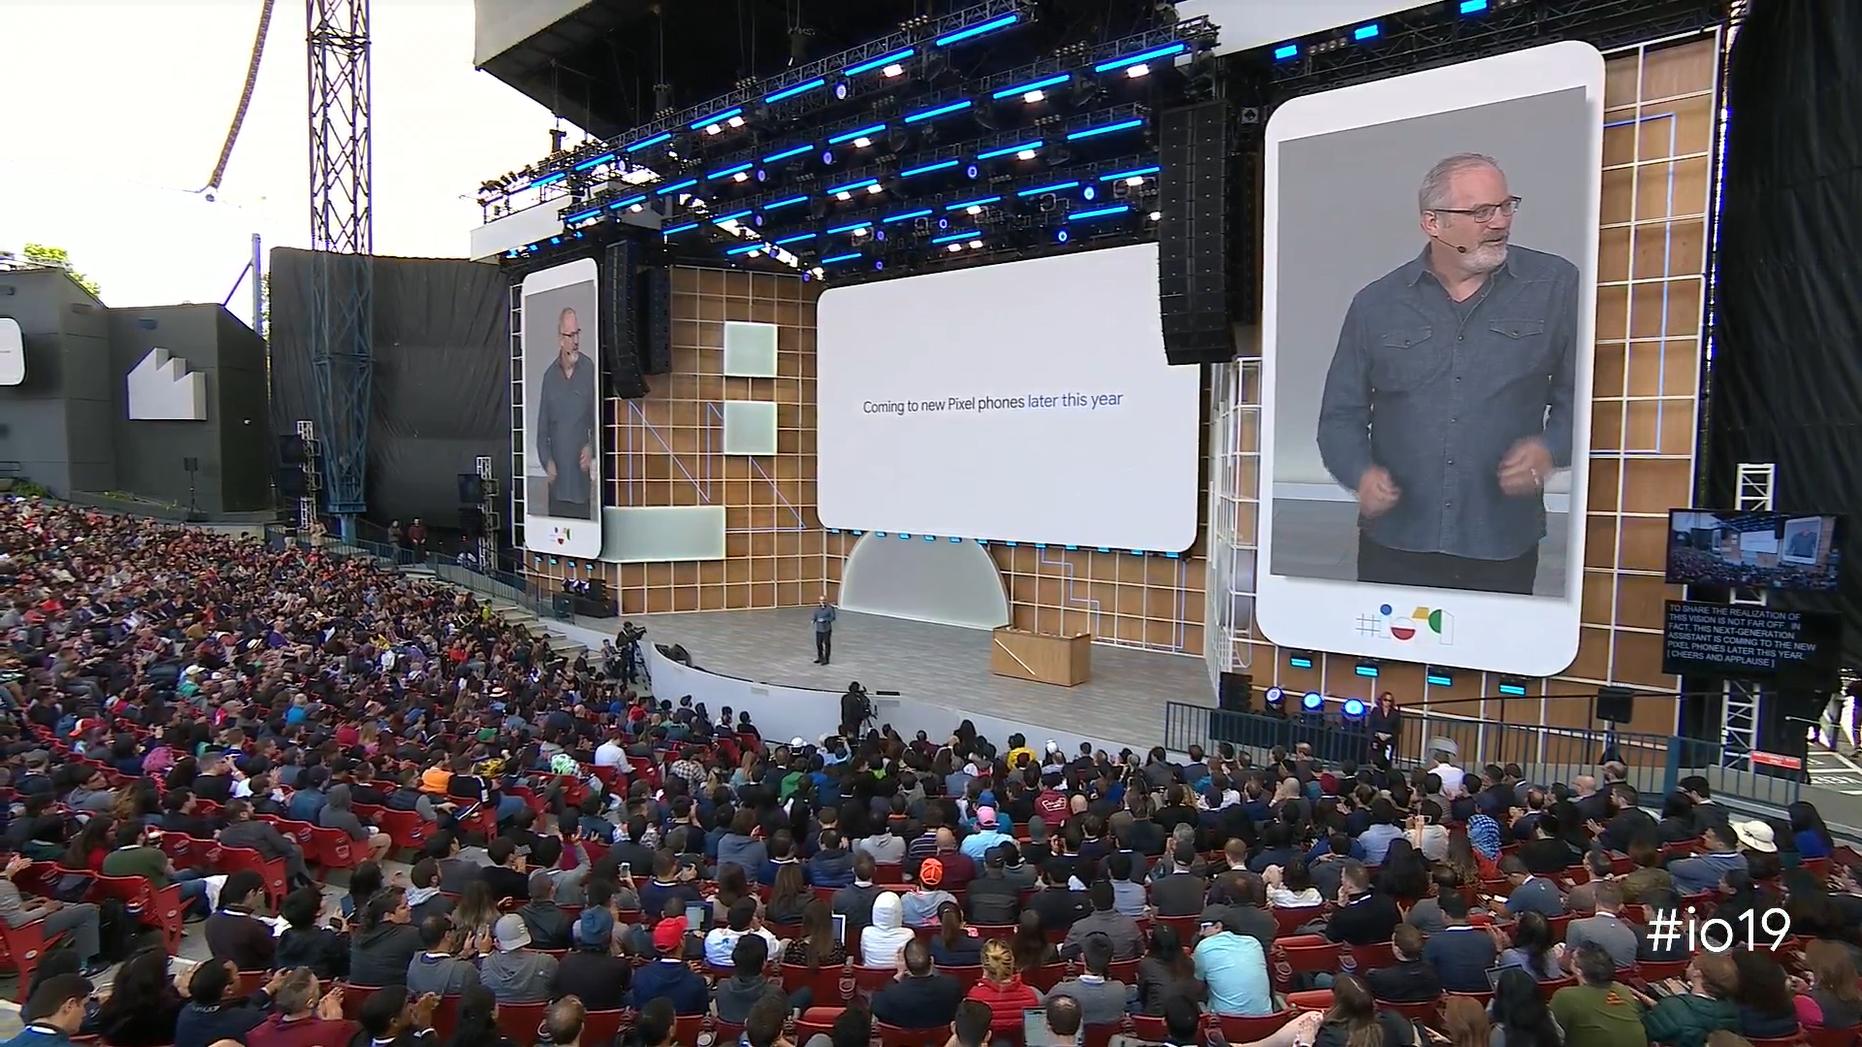 Confidentialité différentielle : Google veut marier vie privée et big data